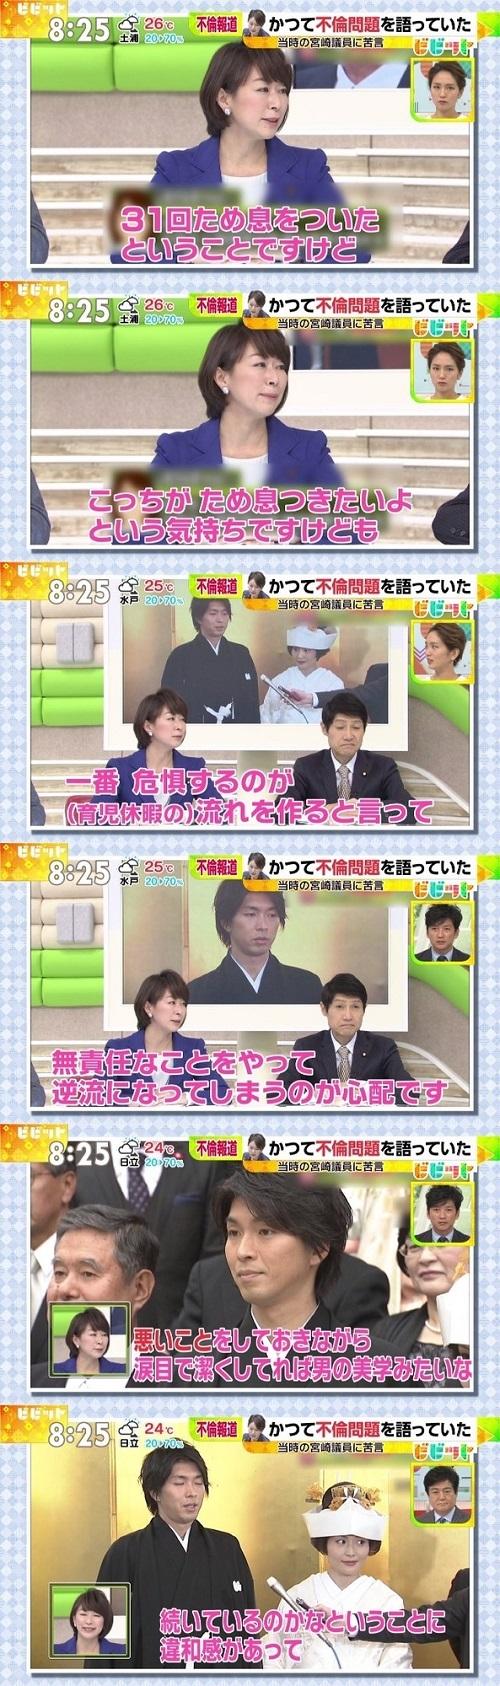 山尾志桜里自身が昨年、自民党の宮崎謙介議員の不倫騒動の時、テレビに出演して宮崎謙介の不倫を厳しく批判していた。